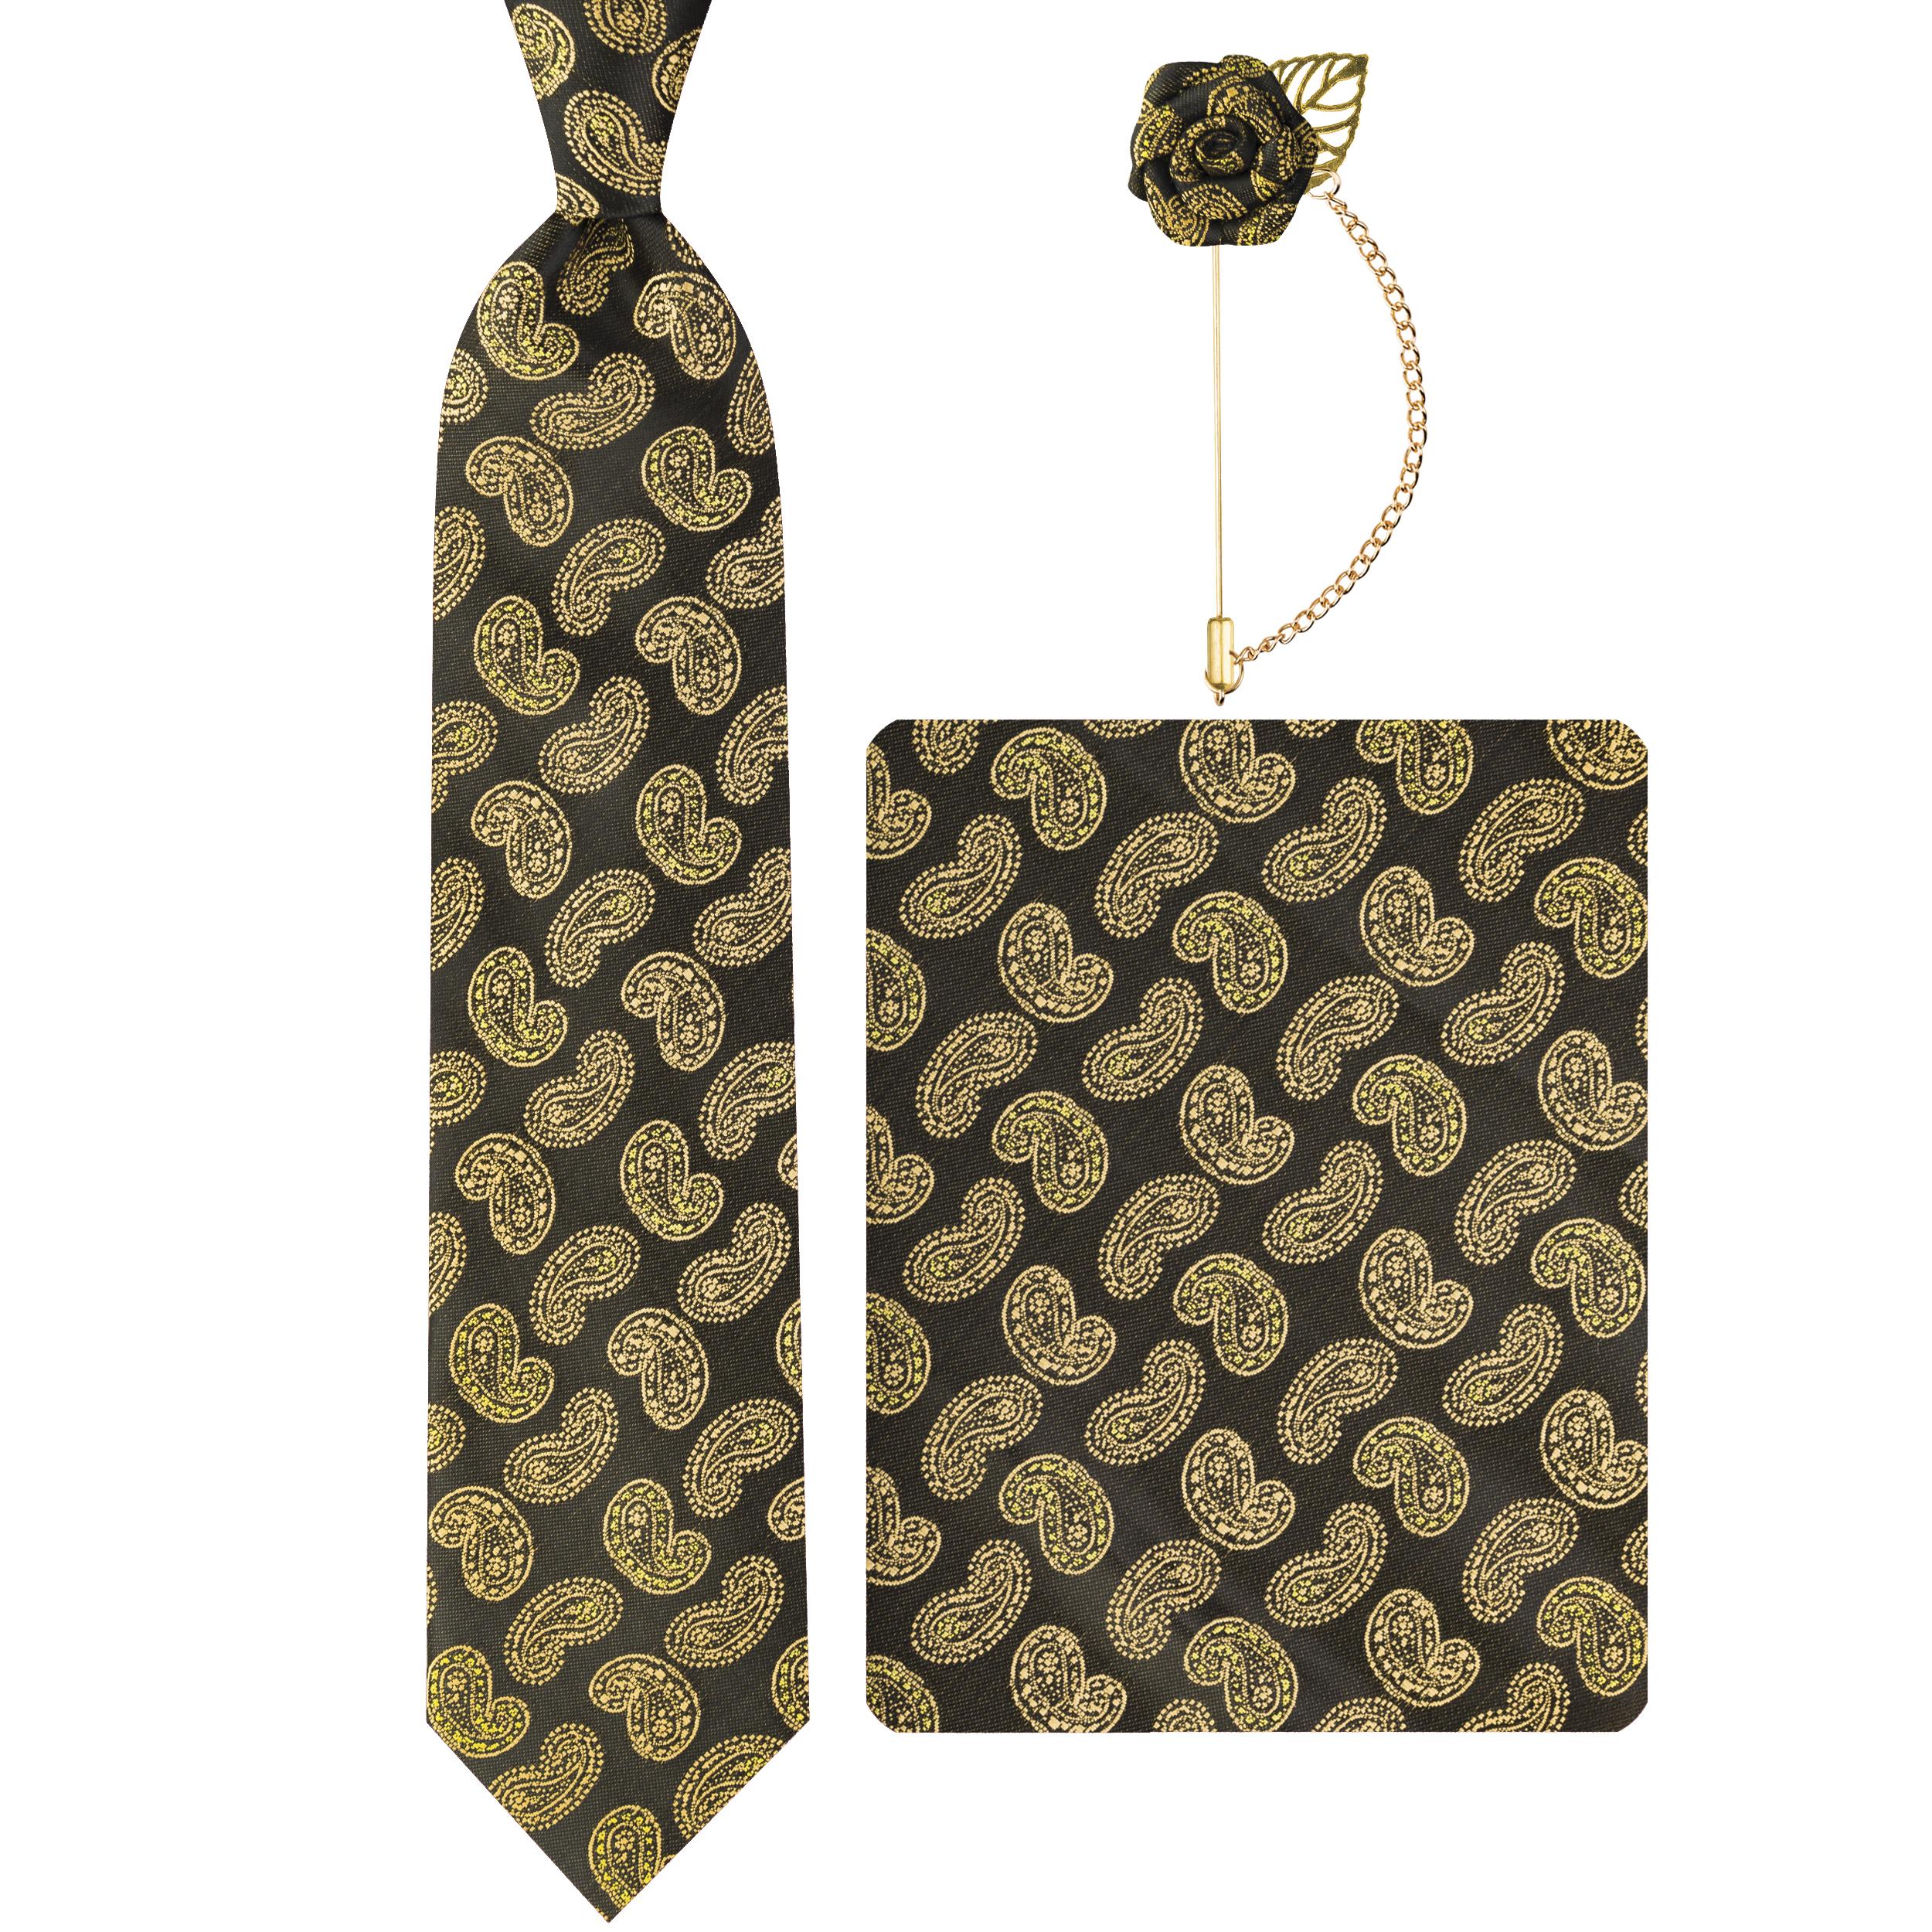 ست کراوات و دستمال جیب و گل کت مردانه جیان فرانکو روسی مدل GF-PA925-GO